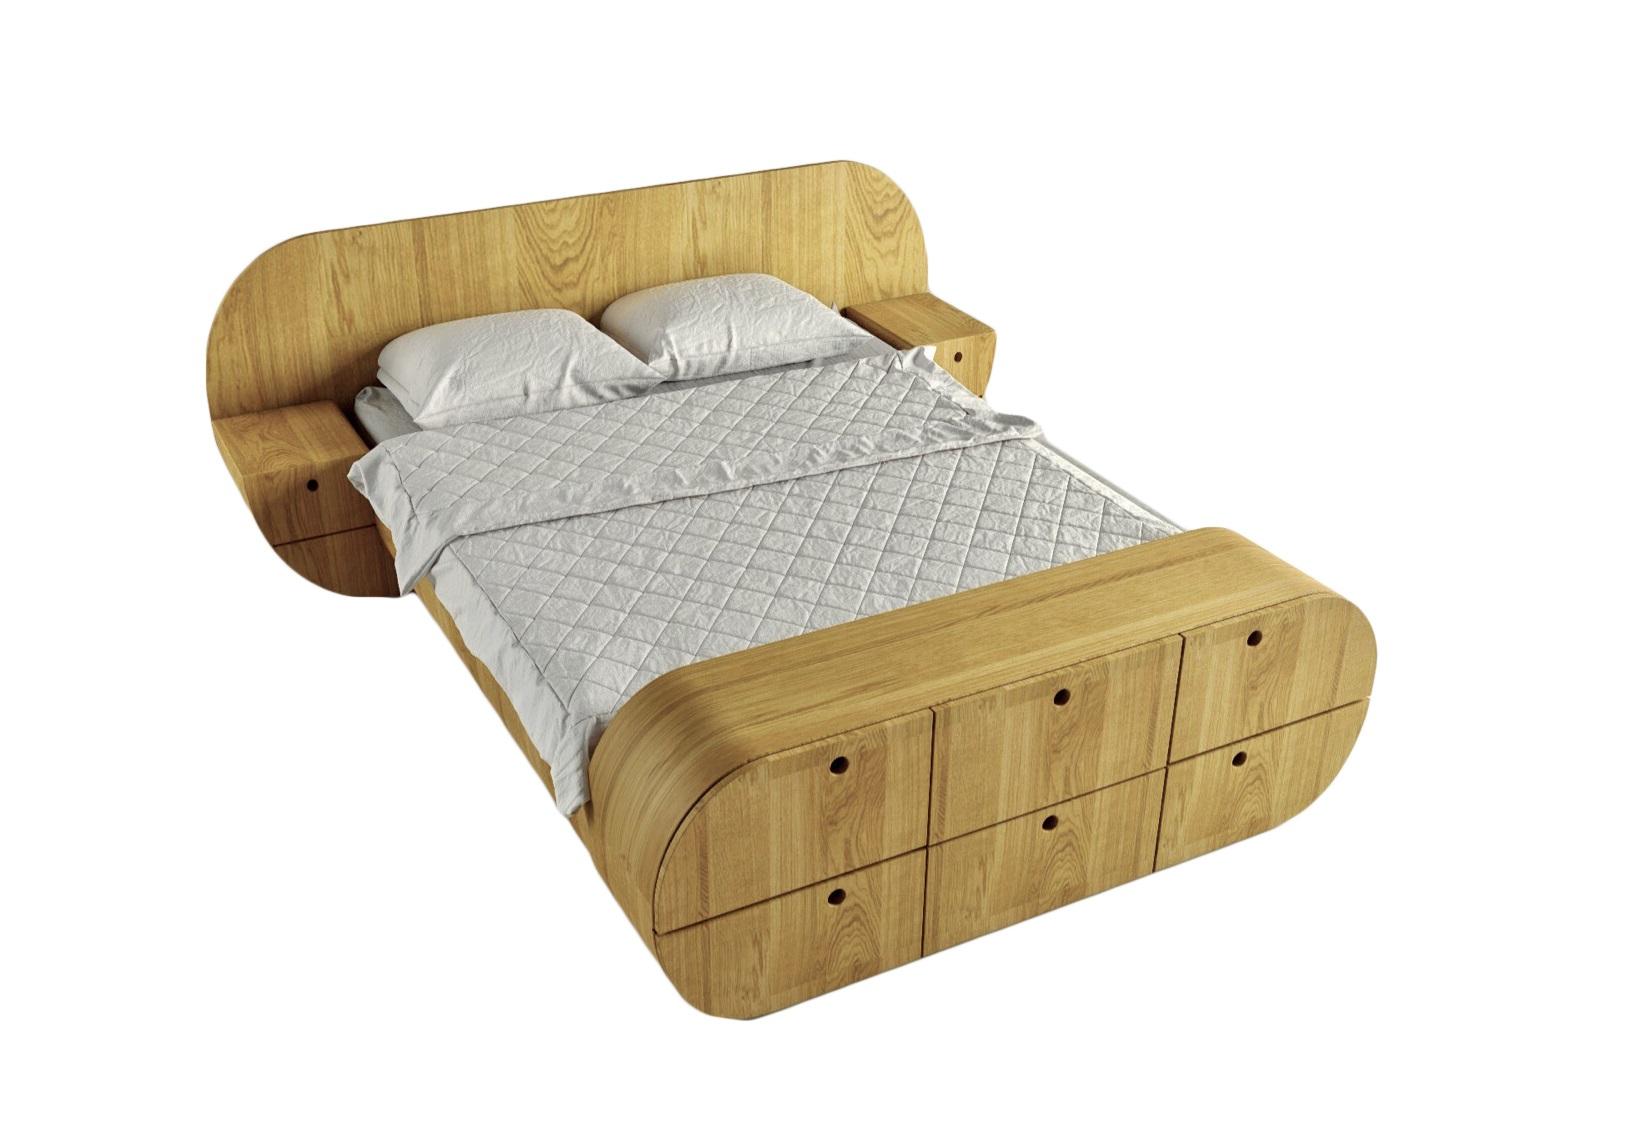 Кровать с тумбами и комодом ЦиклДеревянные кровати<br>Отличный комплект - кровать, 2 тумбы, комод!<br>Представляет собой единую констукцию, изделие покрыто натуральным шпоном, теплый и приятный материал<br>Матрас, белье и подушки в стоимость не входят&amp;amp;nbsp;&amp;lt;div&amp;gt;&amp;lt;br&amp;gt;&amp;lt;/div&amp;gt;&amp;lt;div&amp;gt;Размер спального места: 160см на 200см&amp;amp;nbsp;&amp;lt;/div&amp;gt;&amp;lt;div&amp;gt;Материал: МДФ, шпон&amp;amp;nbsp;&amp;lt;/div&amp;gt;<br><br>Material: МДФ<br>Ширина см: 218.0<br>Высота см: 87.0<br>Глубина см: 267.0